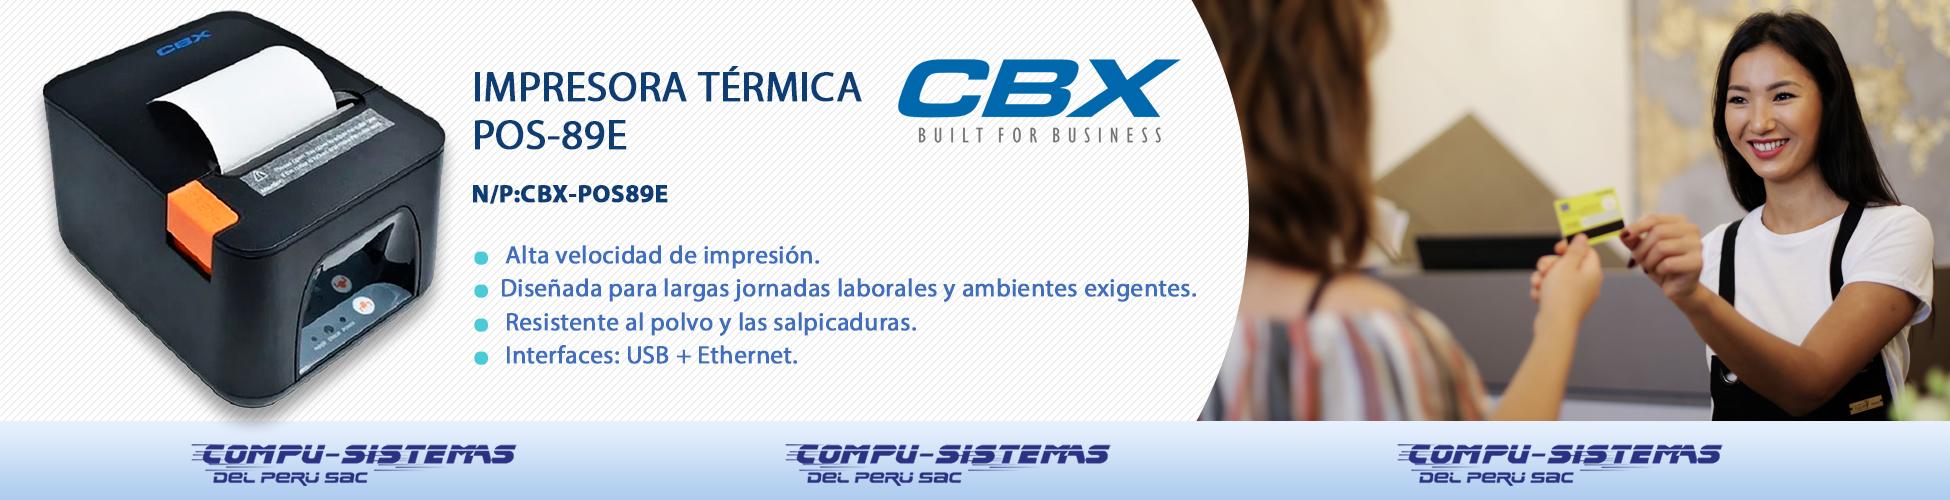 IMPRESORA CBX POS 89E